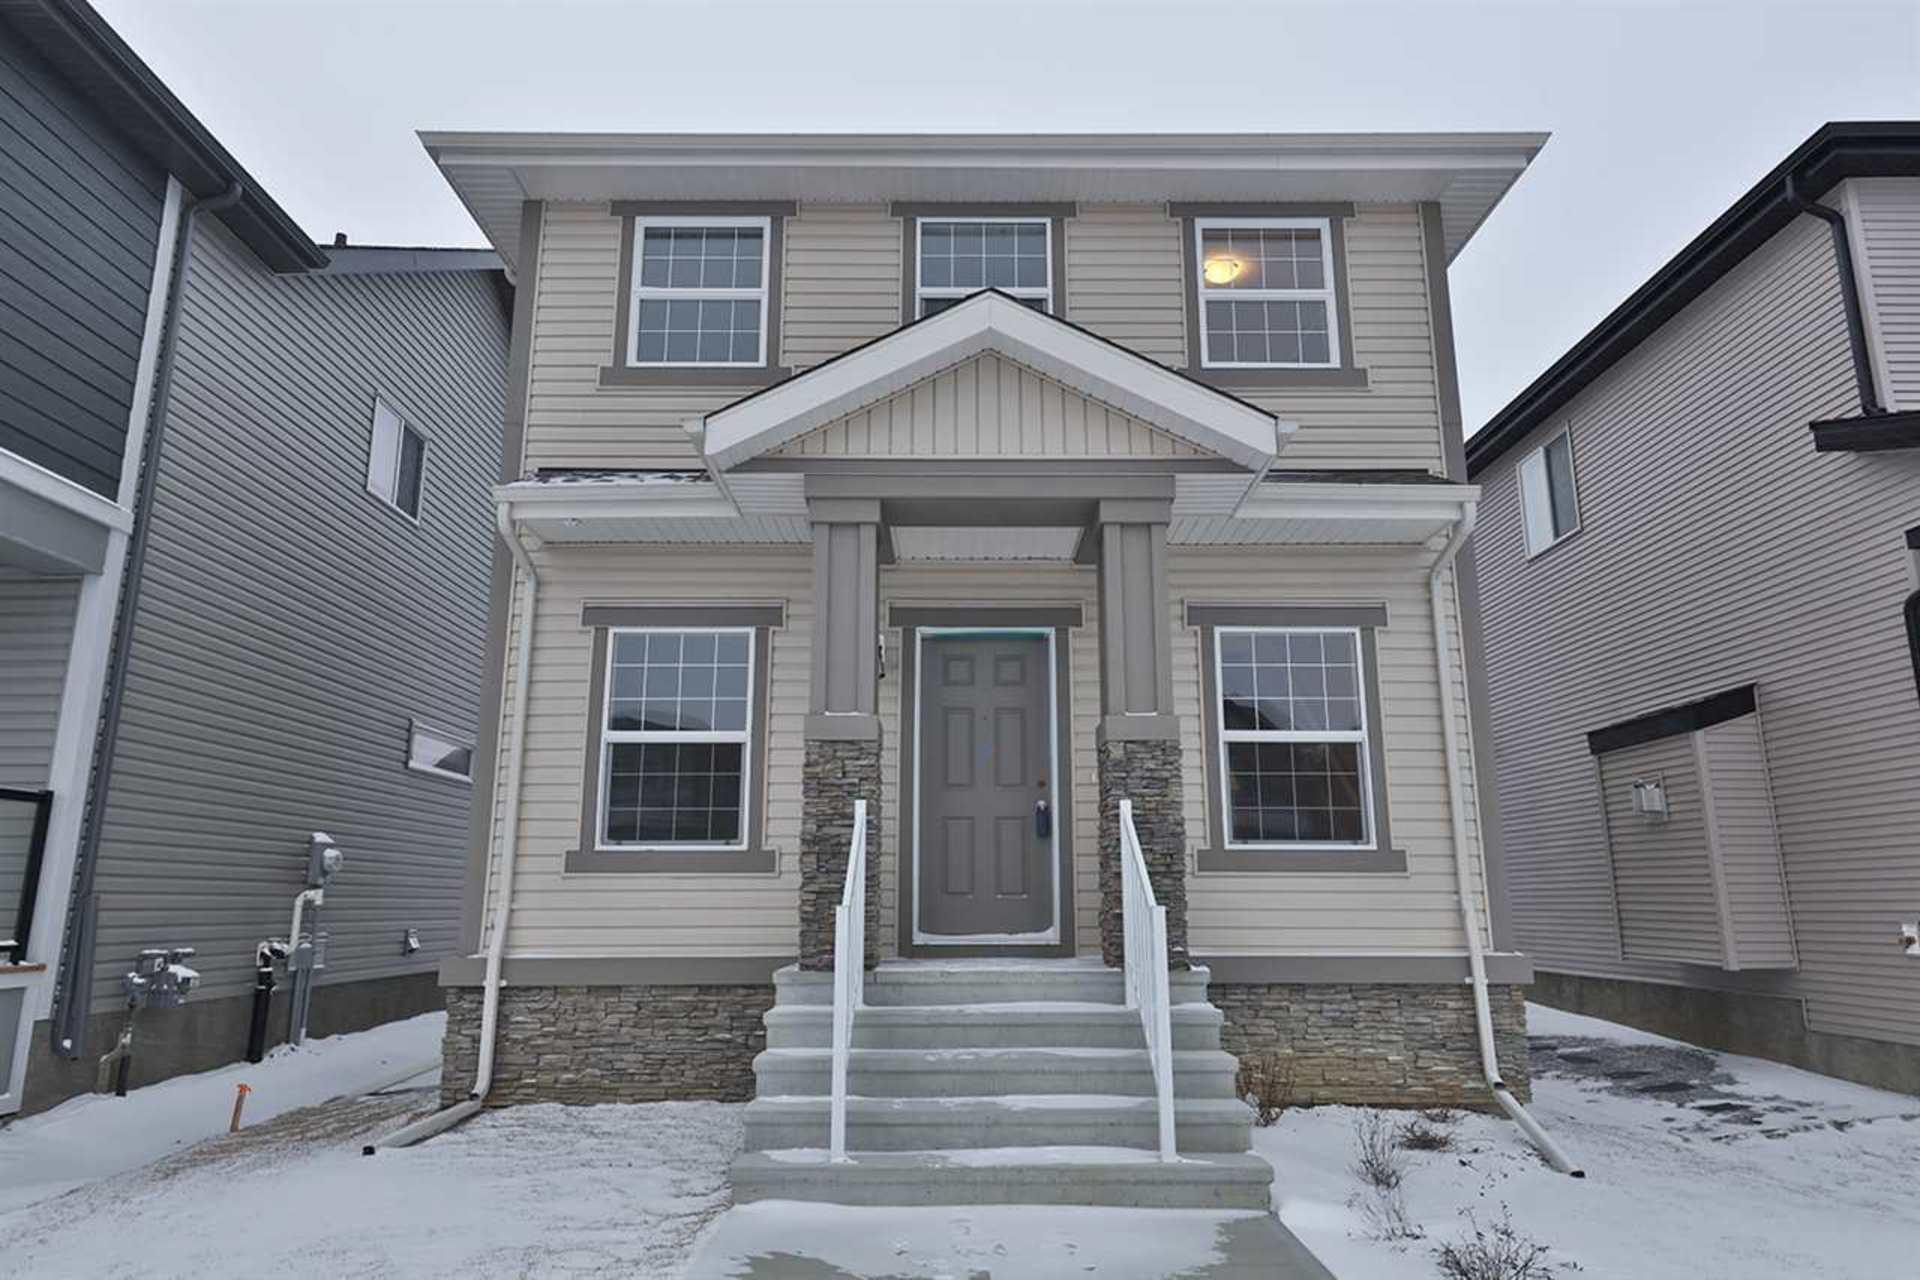 18119-76-street-crystallina-nera-west-edmonton-01 at 18119 76 Street, Crystallina Nera West, Edmonton